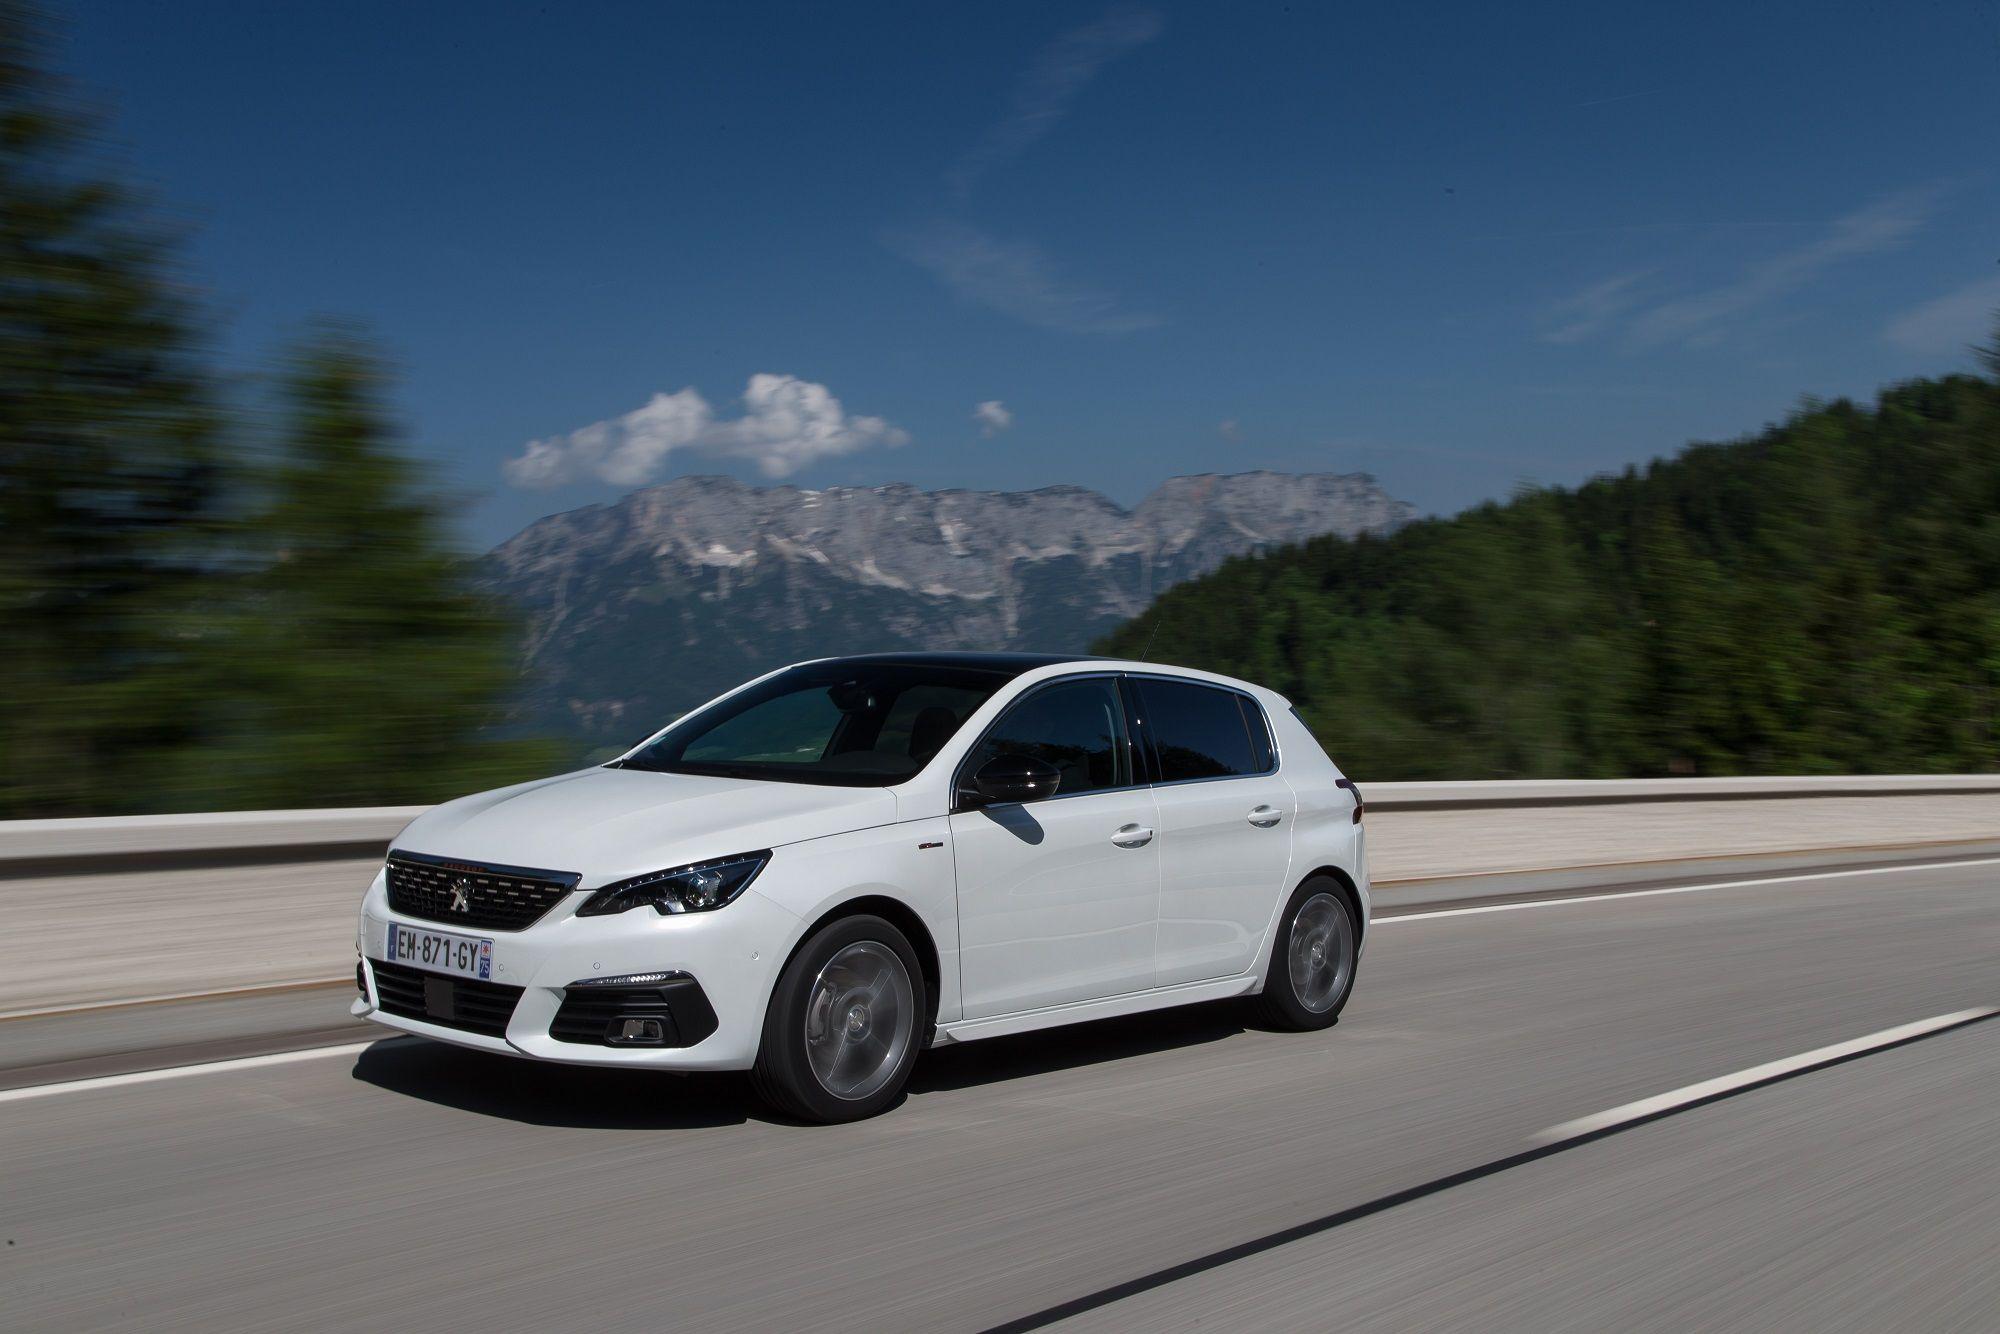 El Nuevo Peugeot 308 incorpora el motor diésel BlueHDi 130 asociado a la caja automática EAT8